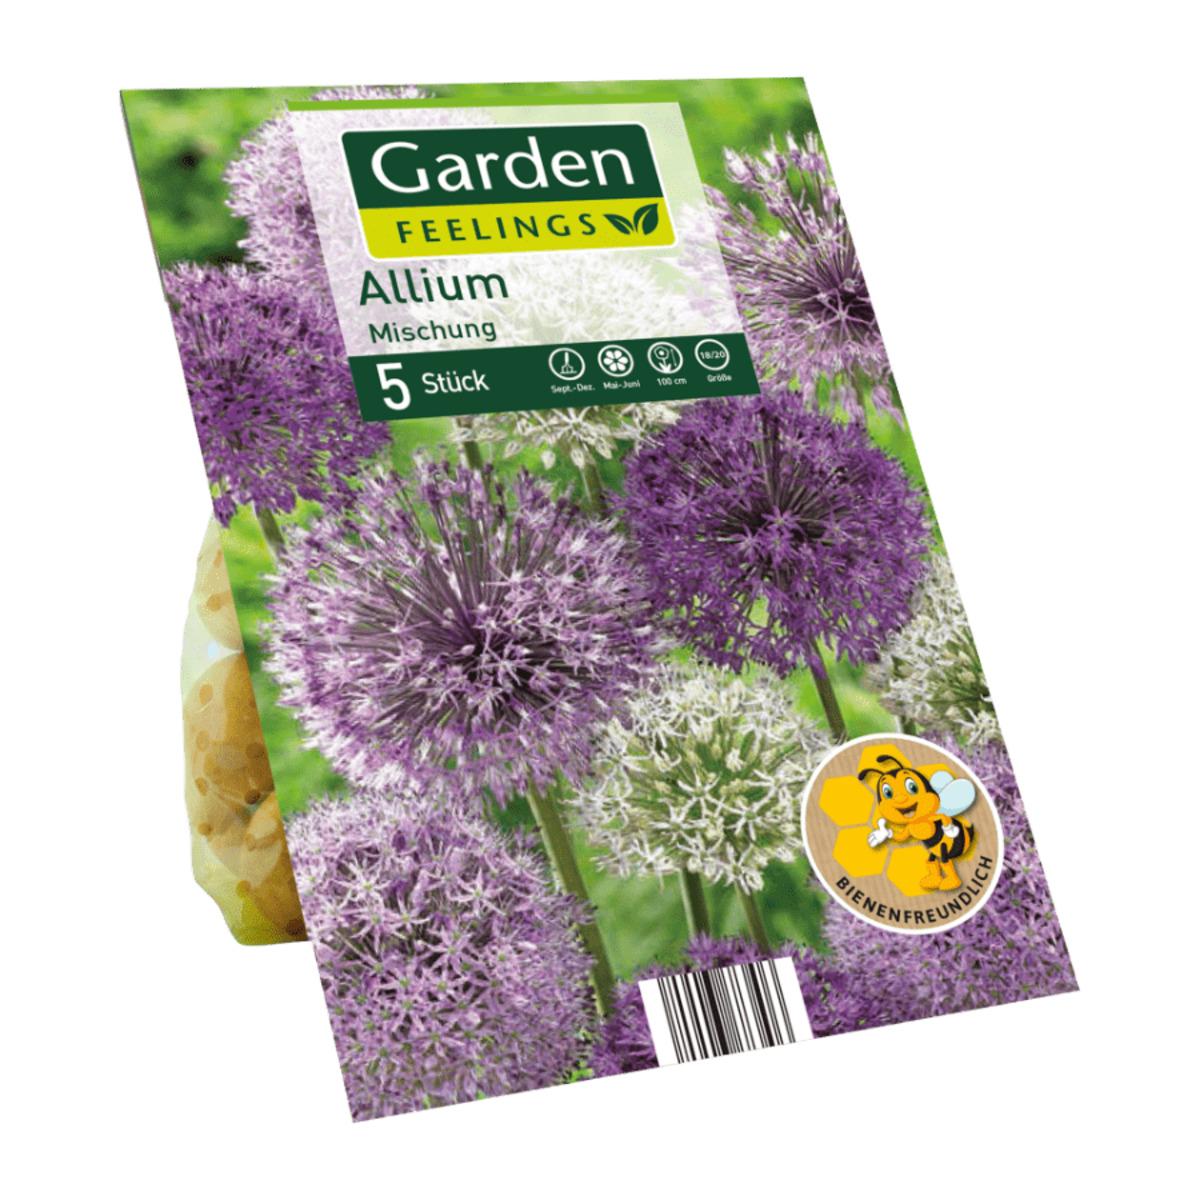 Bild 5 von GARDEN FEELINGS     Zierlauch-Blumenzwiebeln